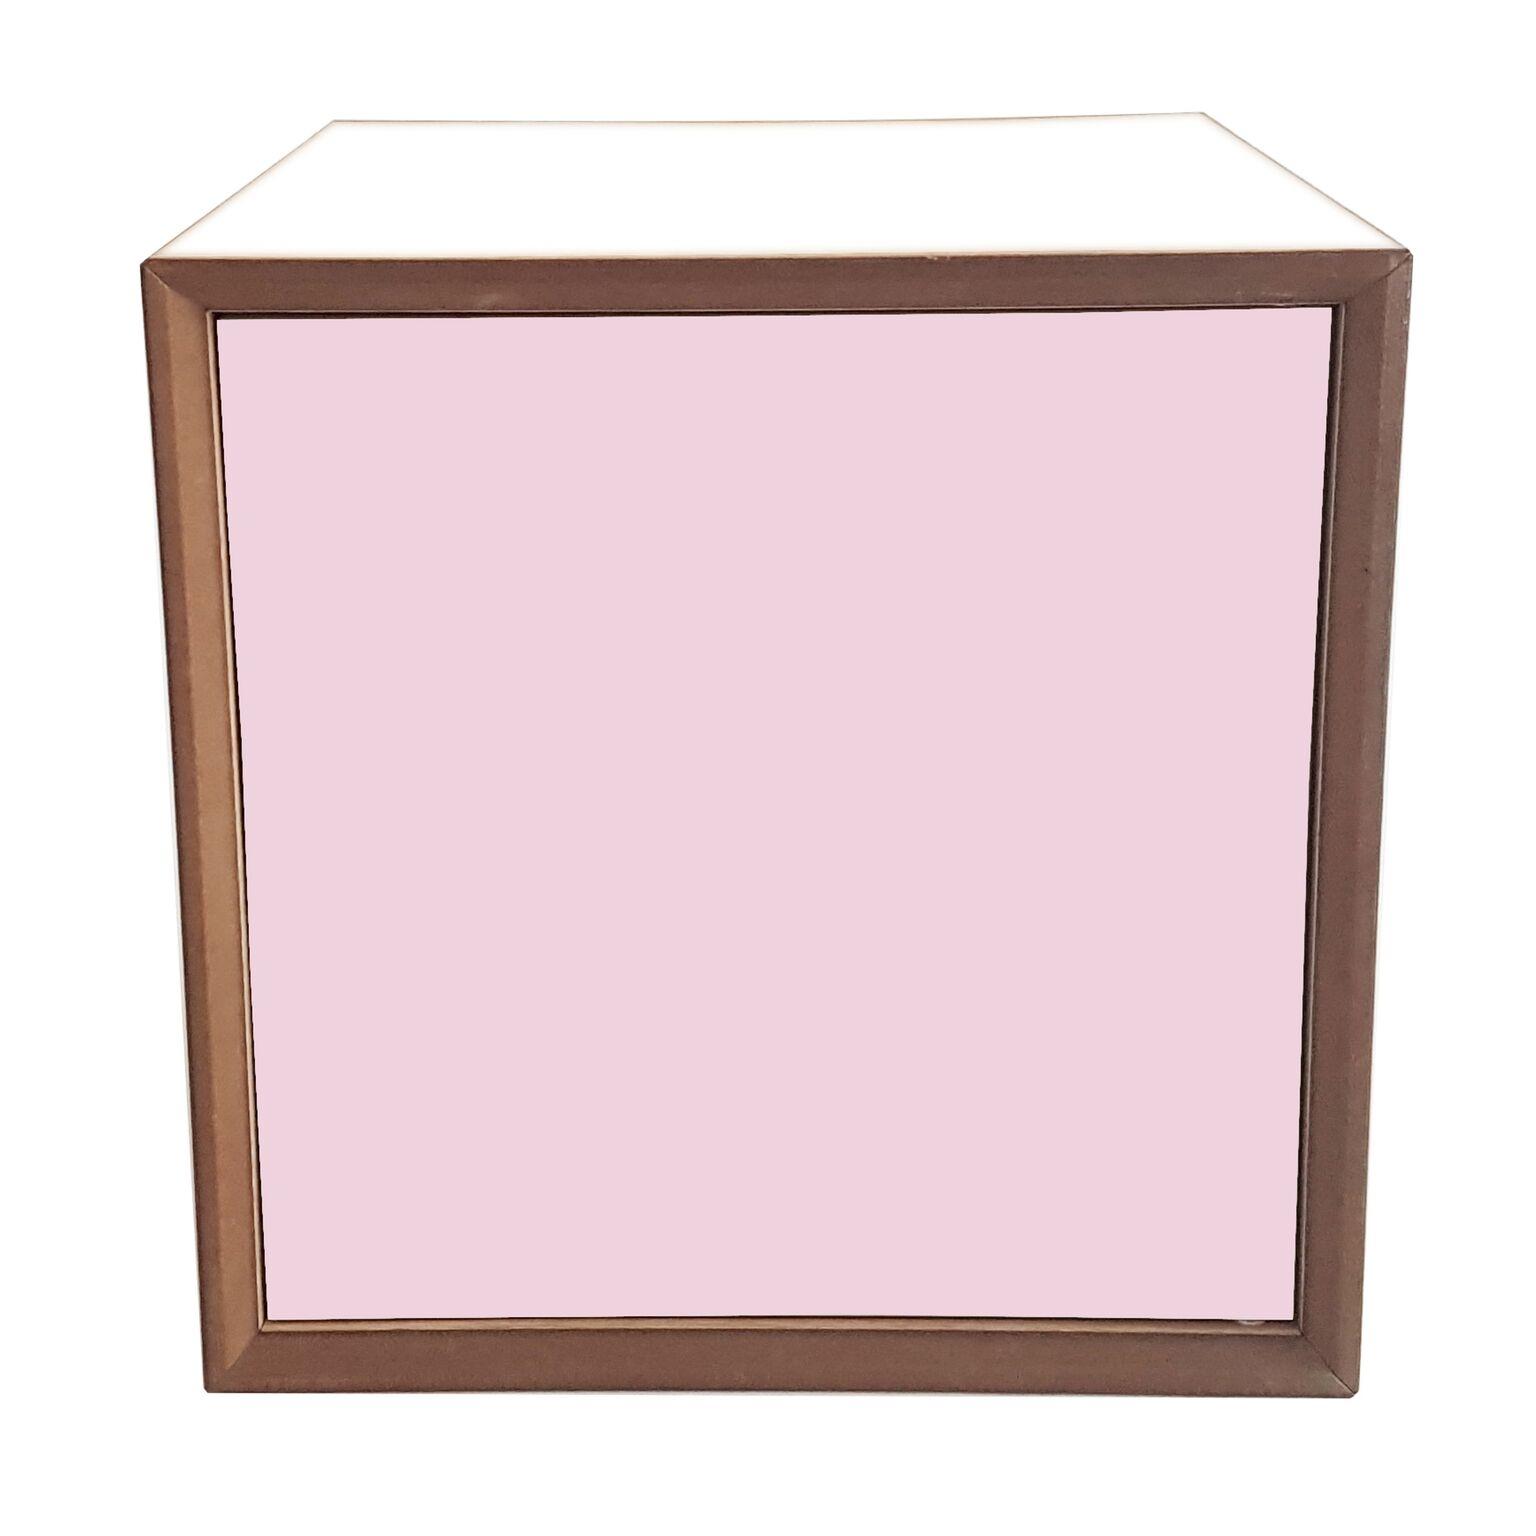 Dulap modular Pixel Dusky Pink / White l40xA40xH40 cm